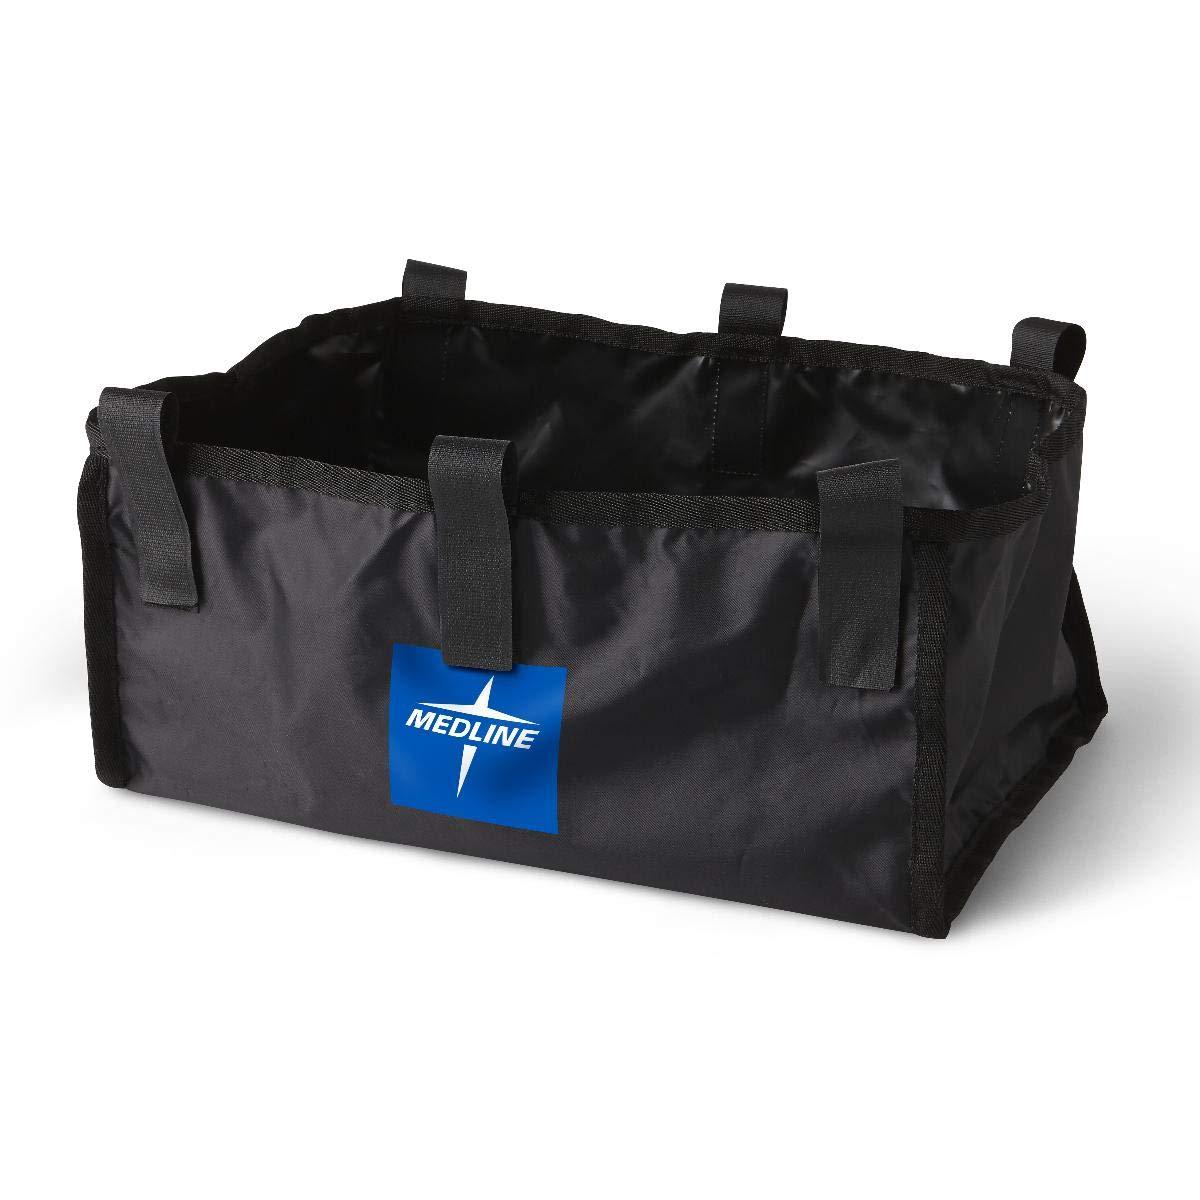 Medline Rollator Basic Rollator Bag for MDS86850 Model